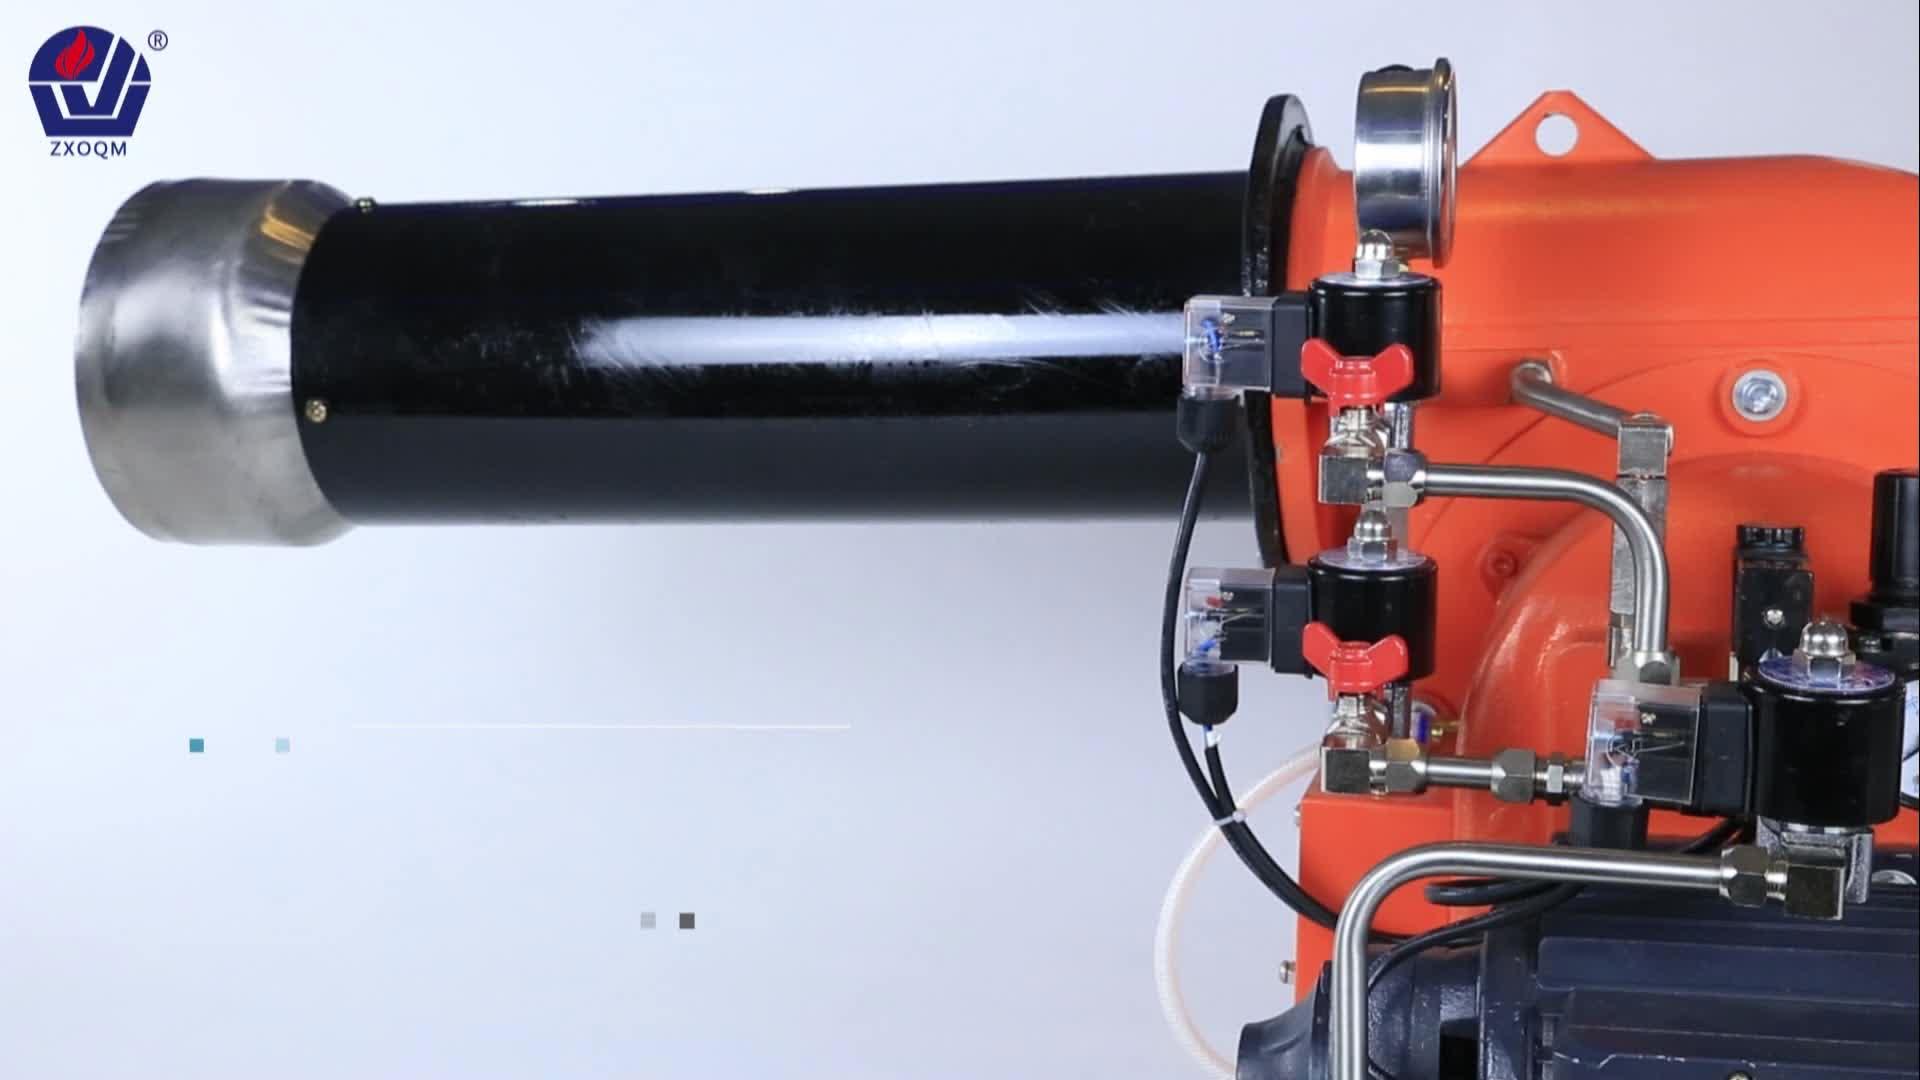 อุตสาหกรรมน้ำมัน burner จุดระเบิดอิเล็กทรอนิกส์หัวฉีดสำหรับ burner